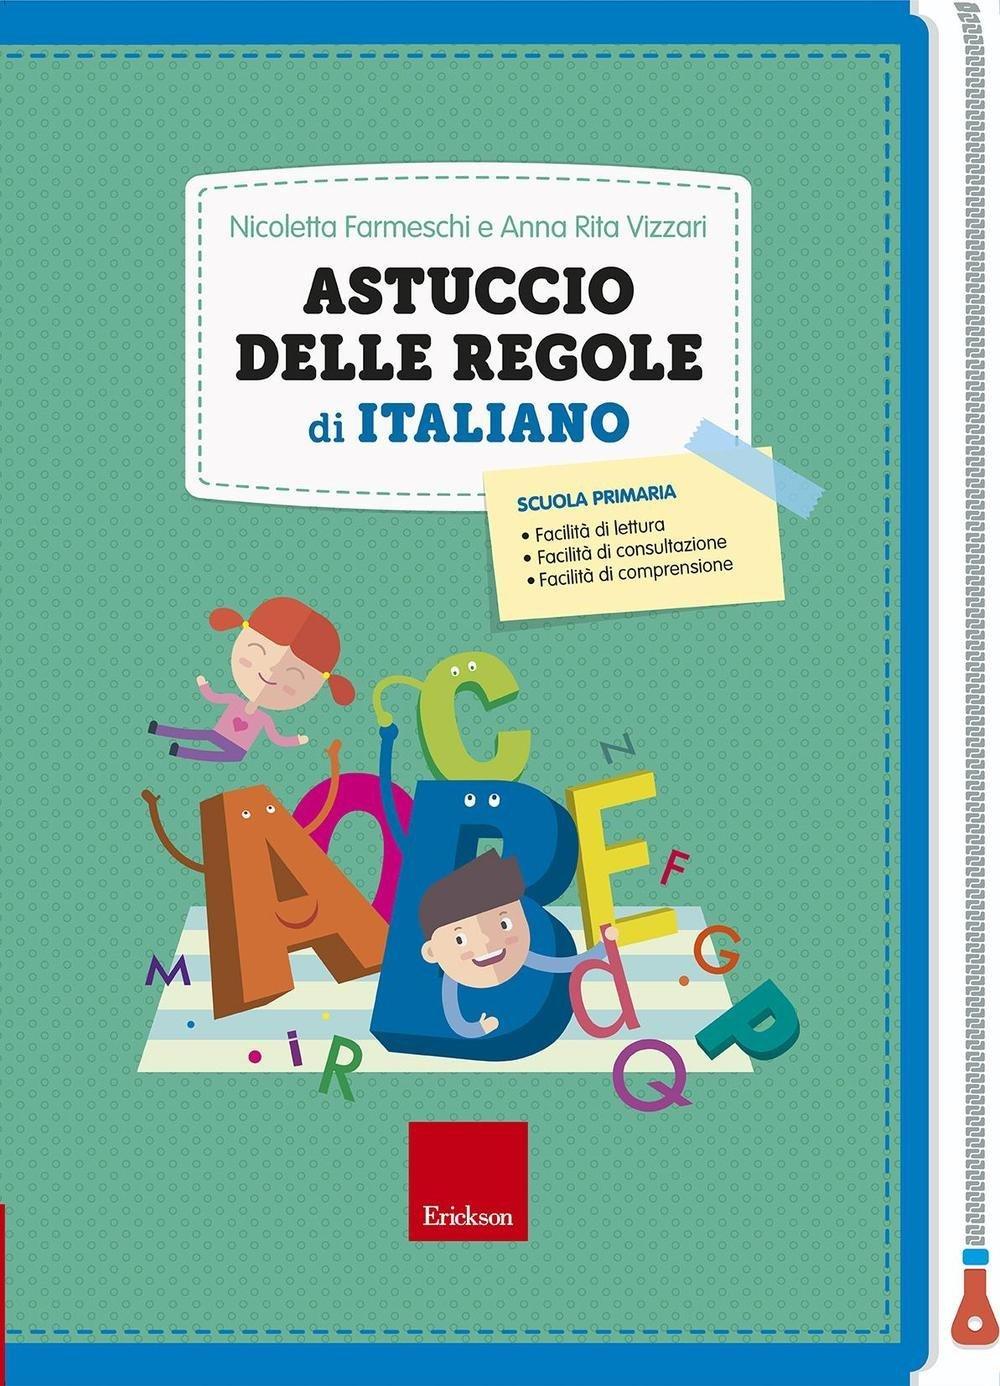 Conosciuto Astuccio delle regole di italiano: Amazon.it: Nicoletta Farneschi  PJ66